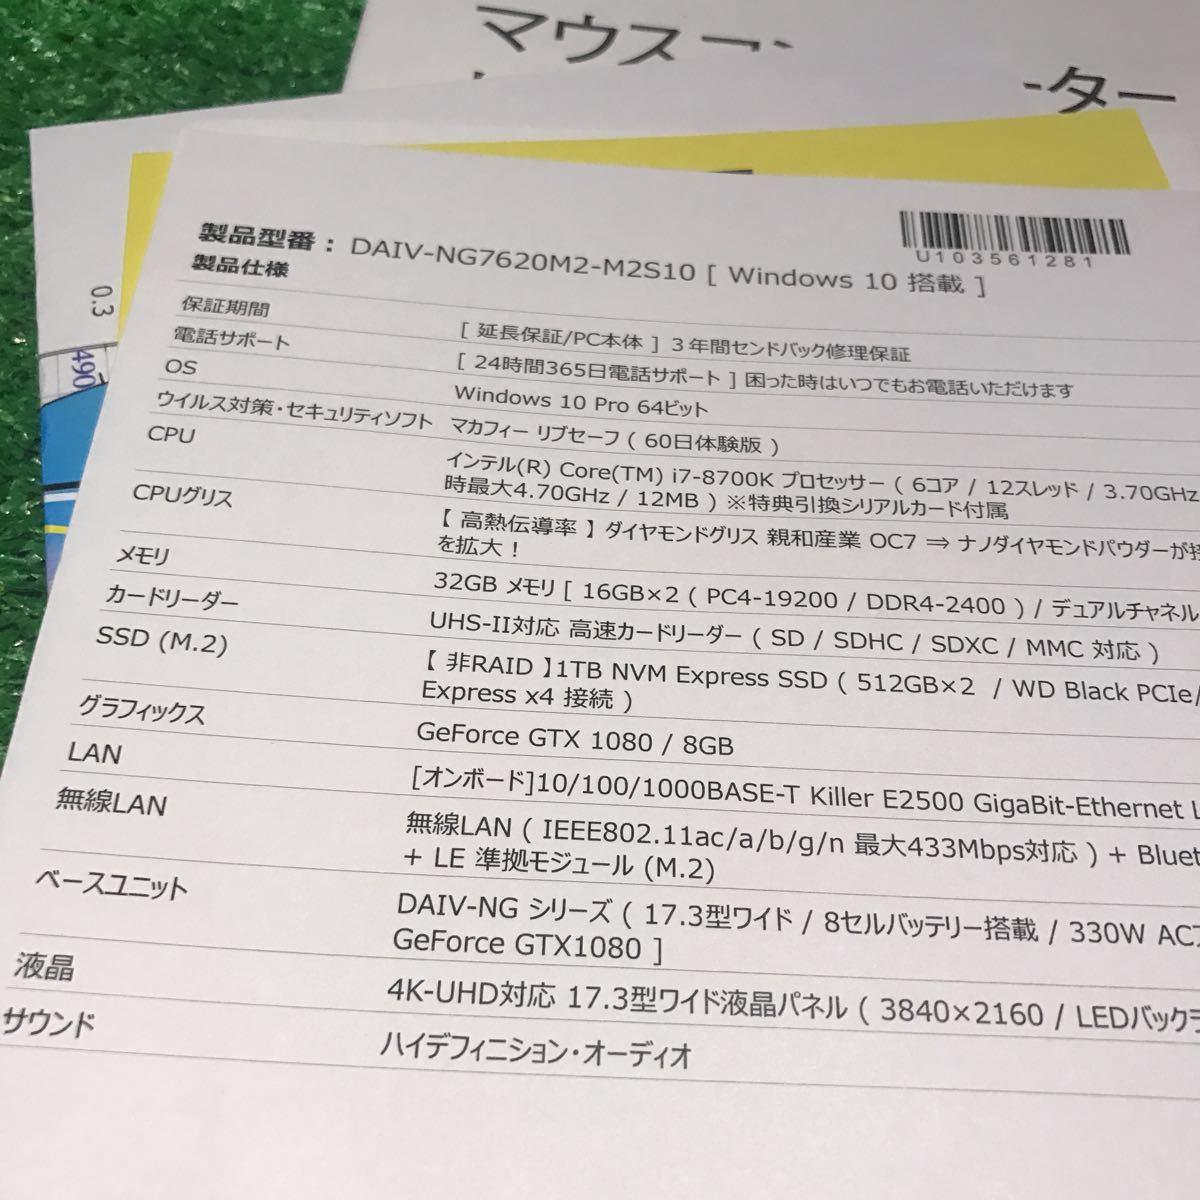 美品1円~ 使用期間短め mouse DAIV-NG7620M2-M2S10 ハイスペック パソコン PC i7-8700K メモリ32GB SSD512×2 保証書付 120サイズ (107)